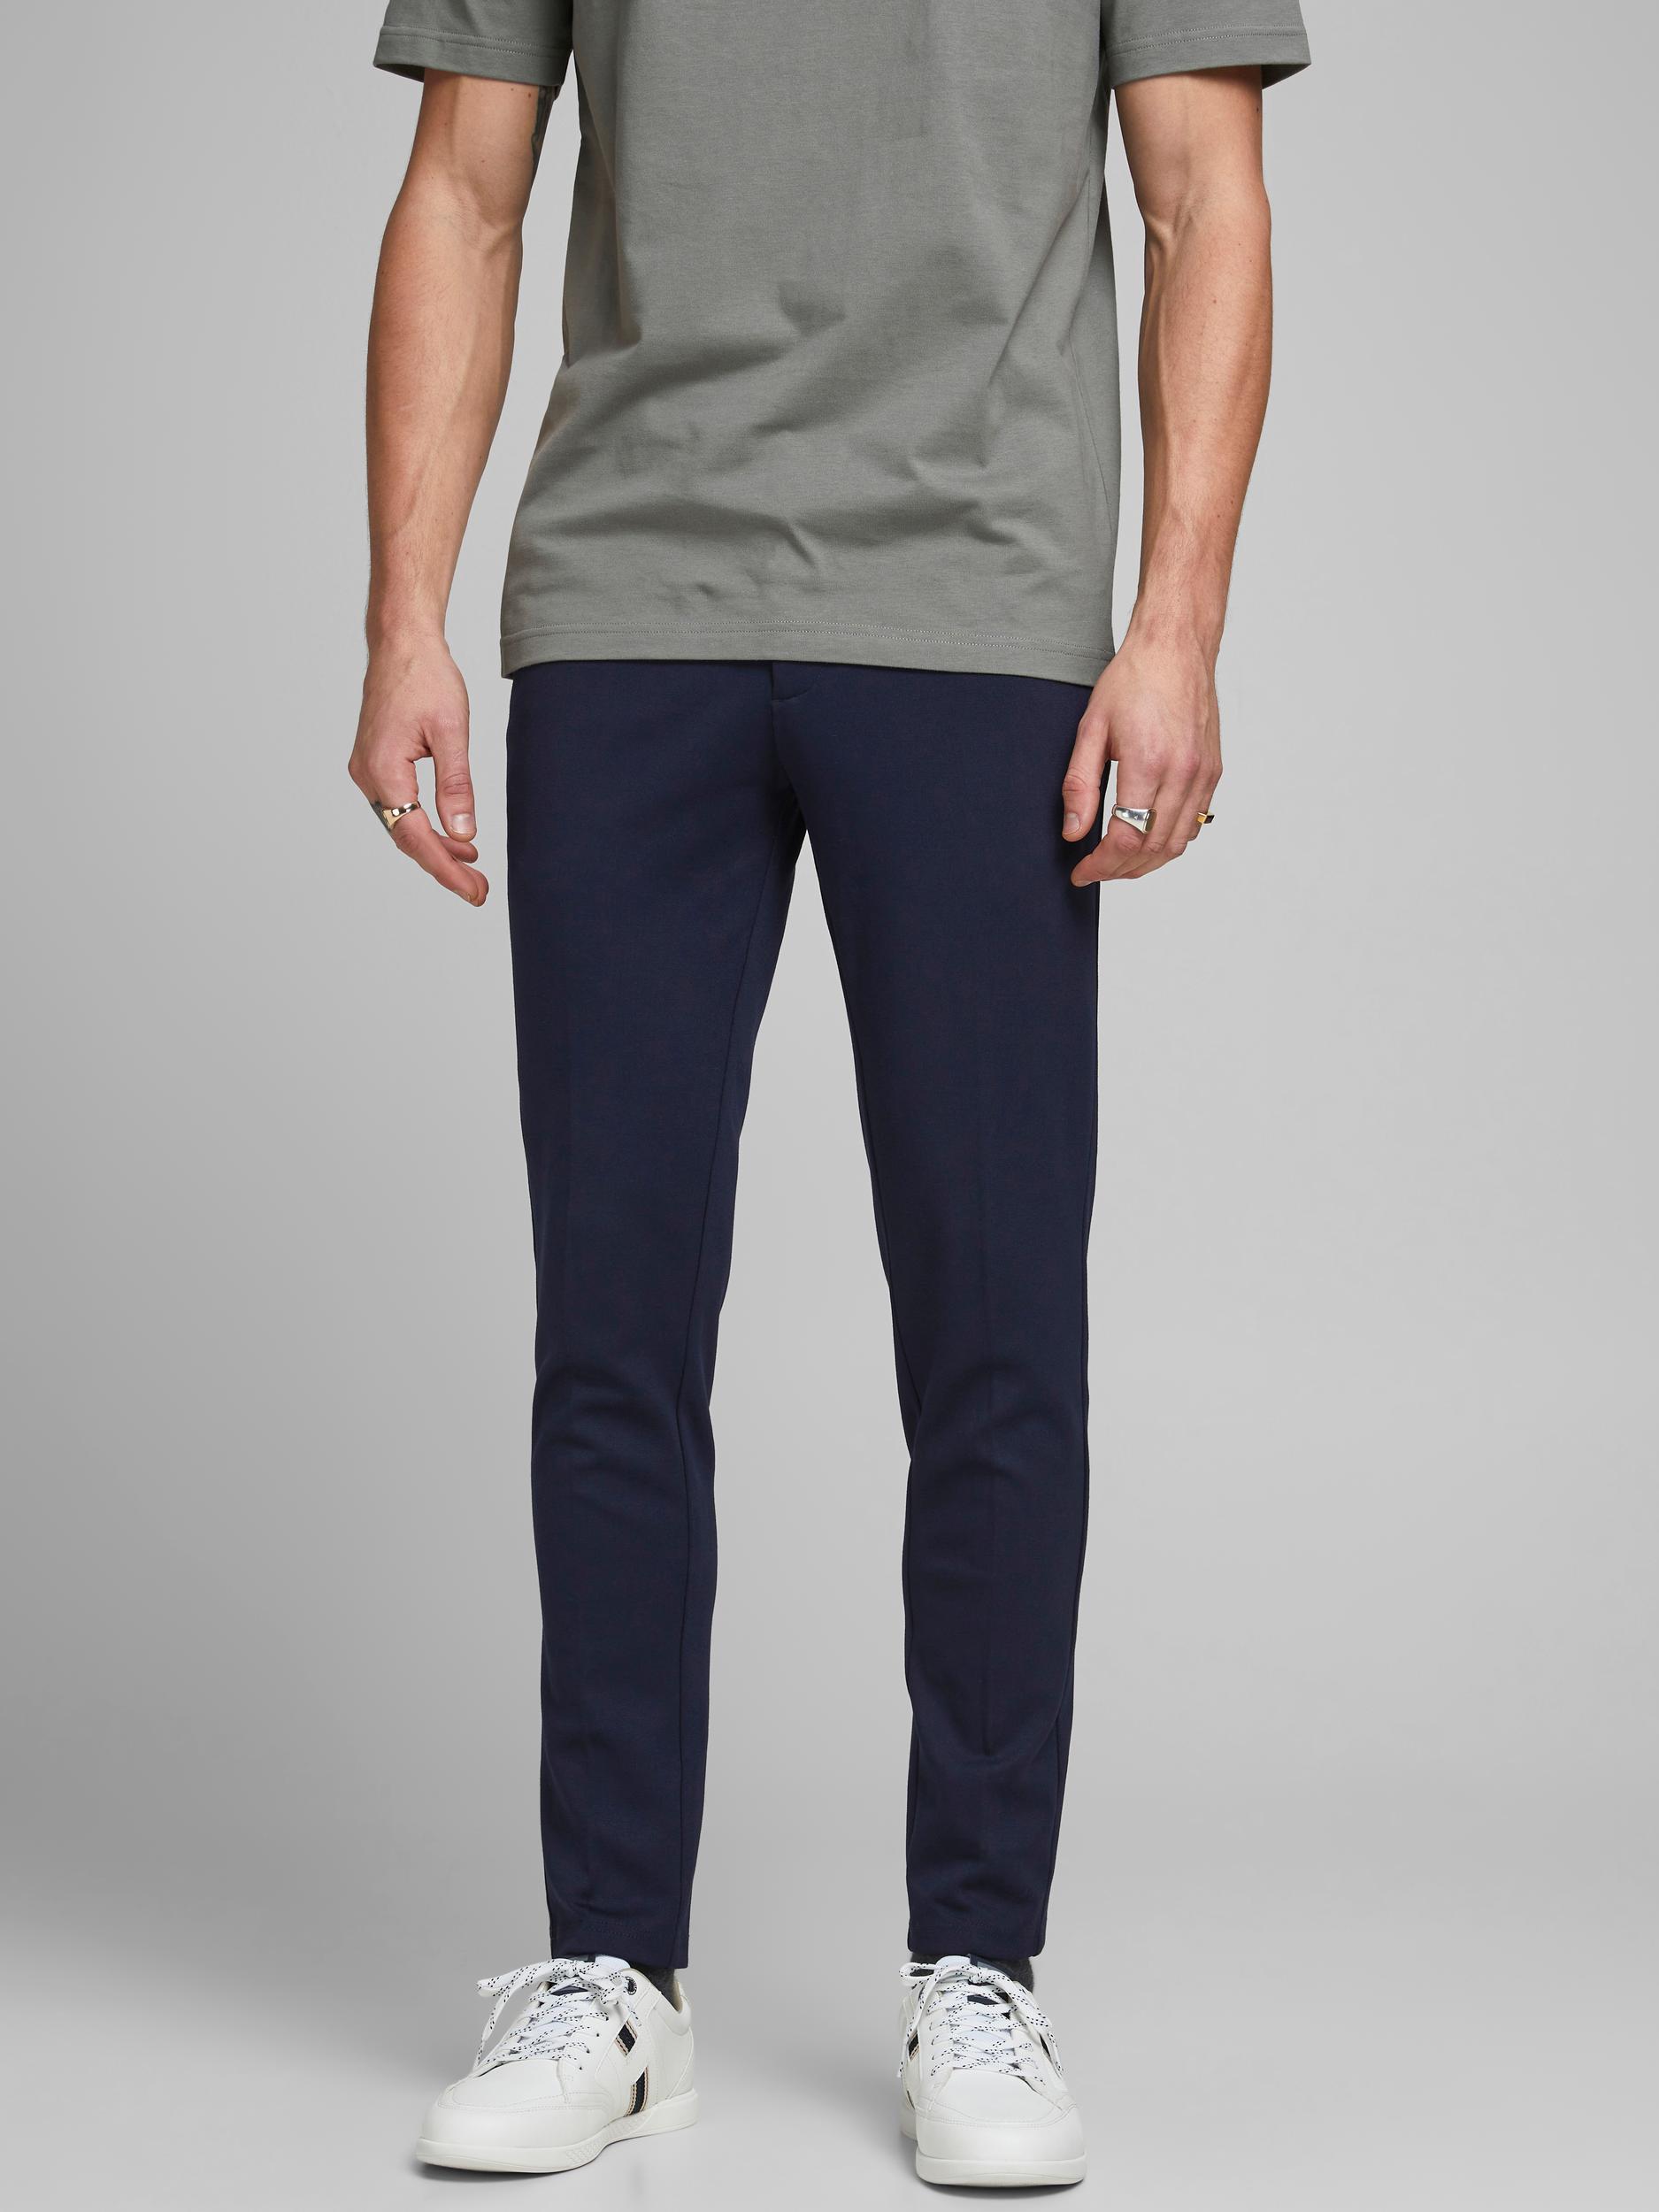 Jack & Jones Marco pants, navy blazer, 27/30